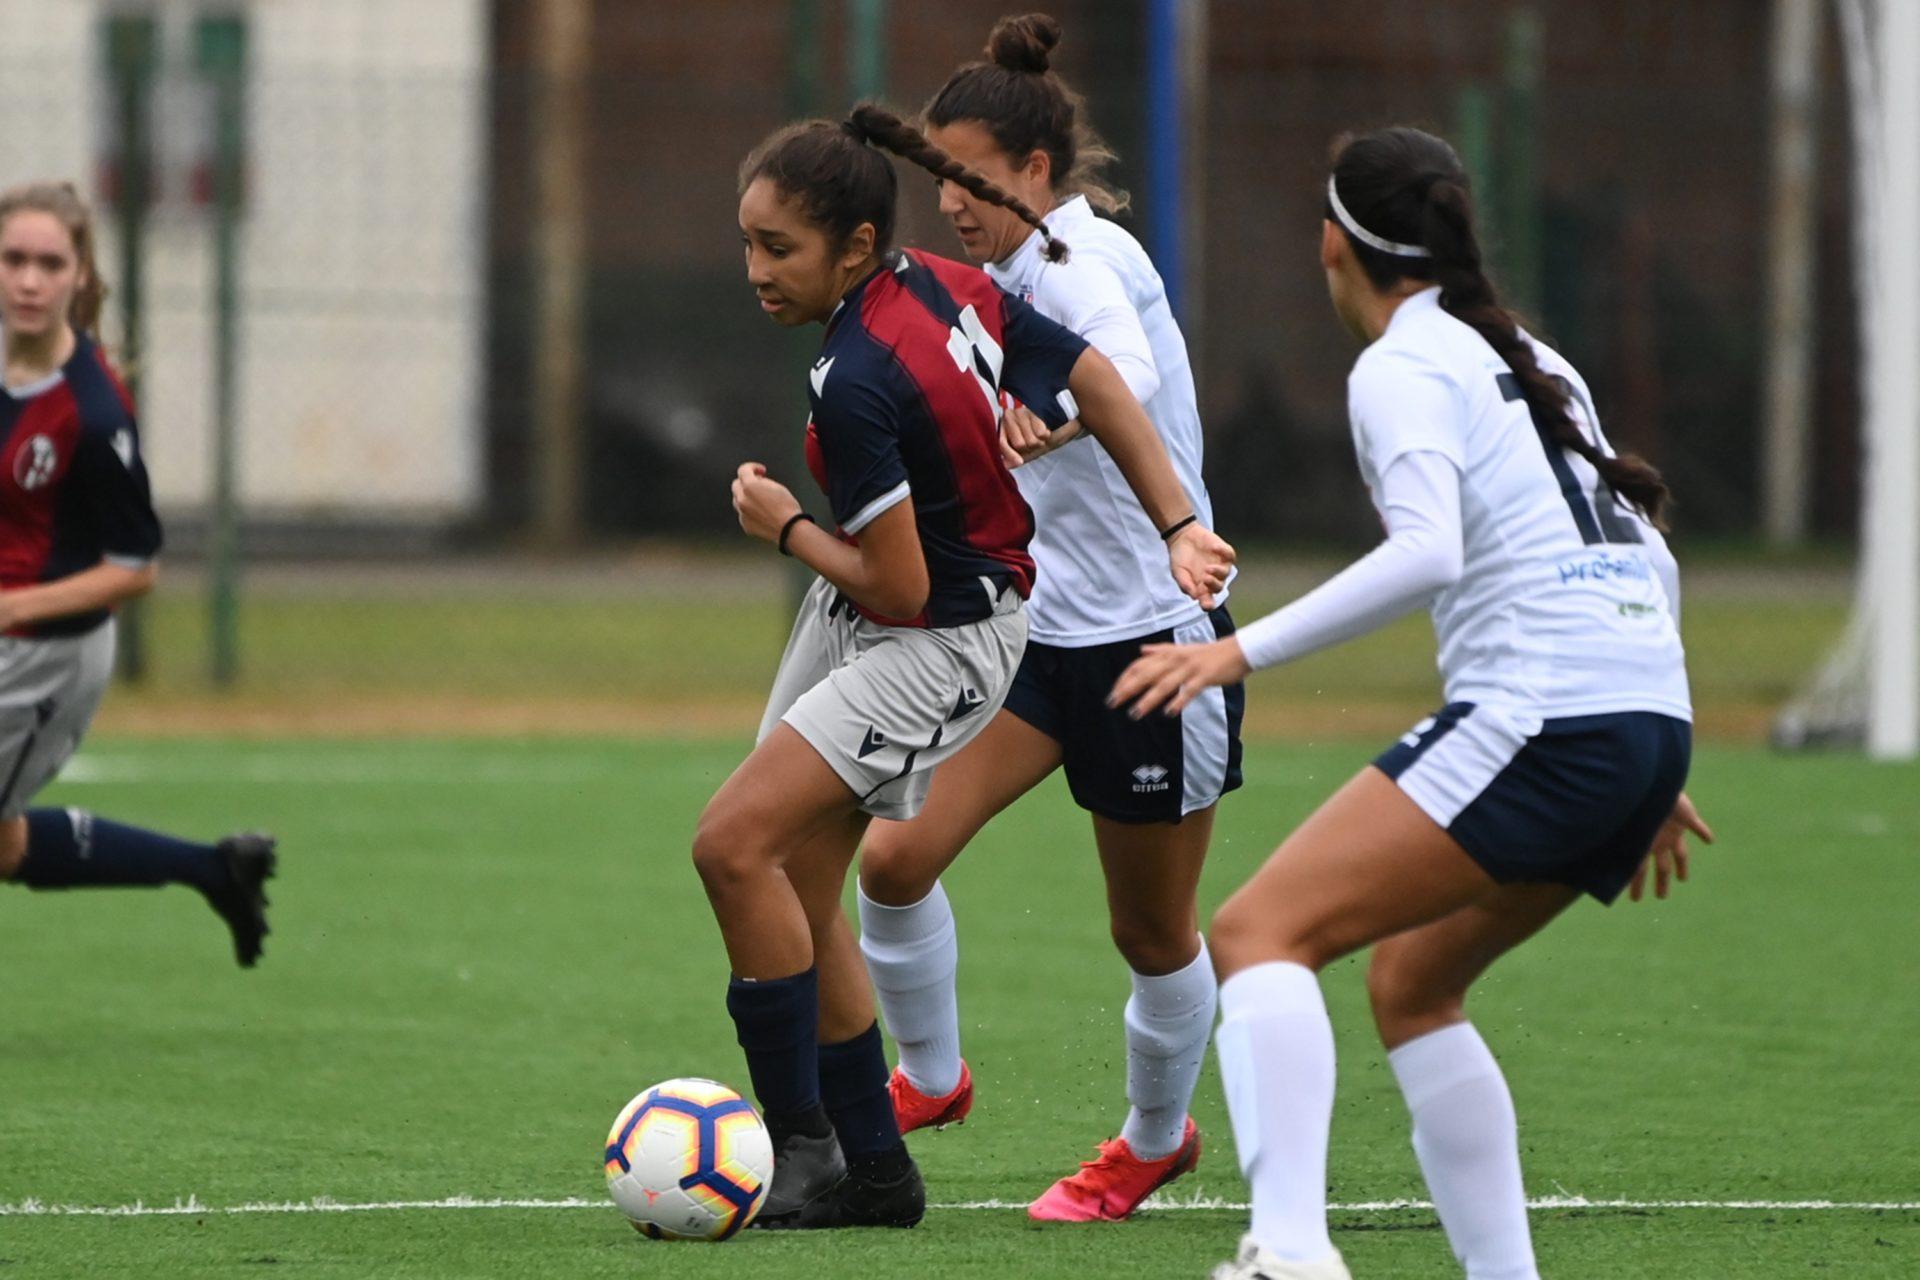 Bologna femminile, arriva la decima. Battuto il Ducato Spoleto per 1-4